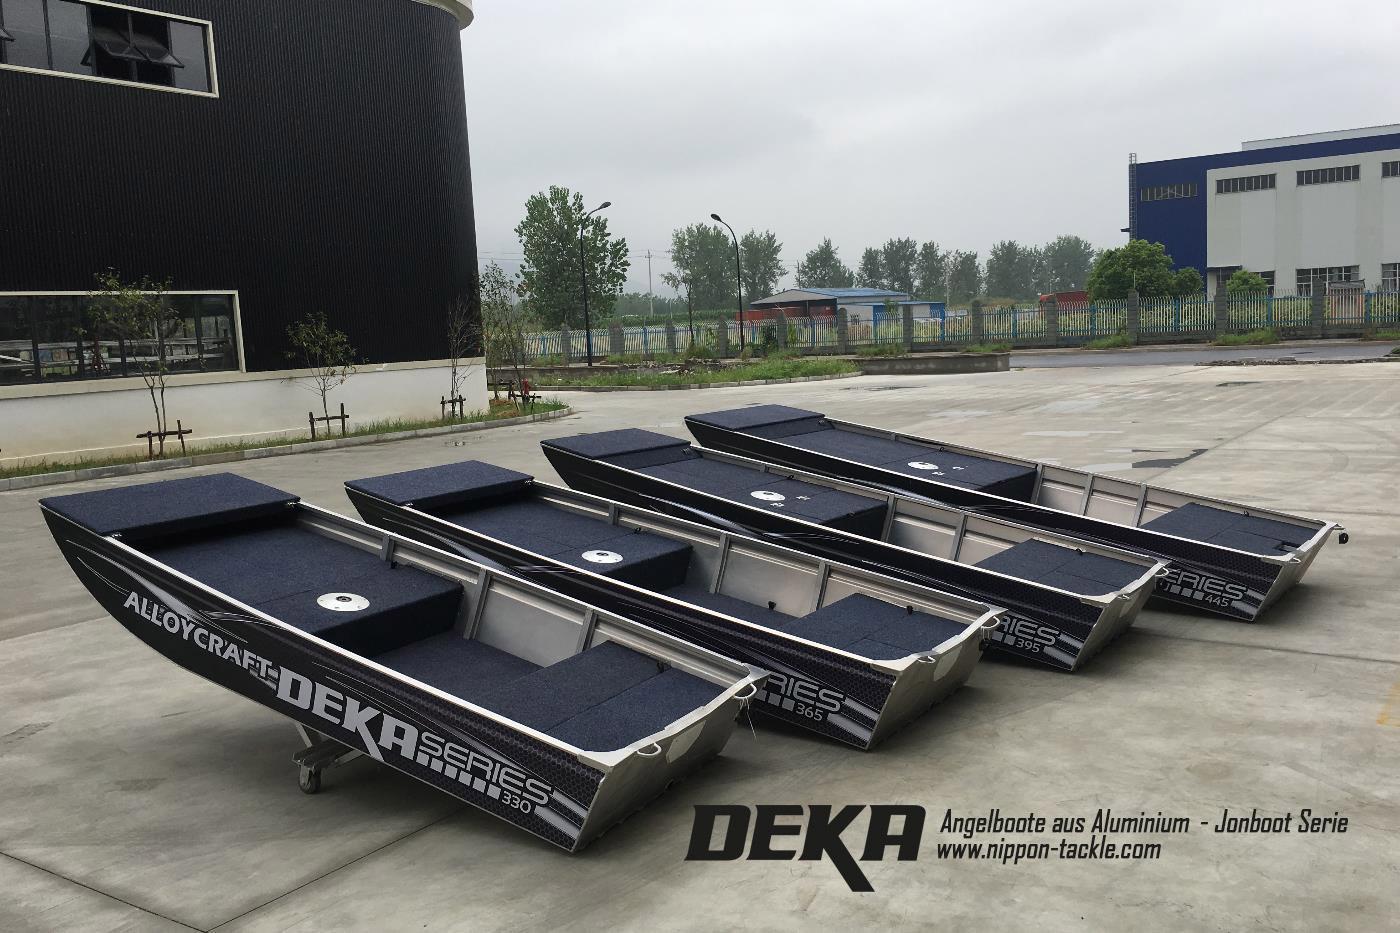 brandneue deka angelboote aus aluminium powered by alloycraft barsch alarm das gr te